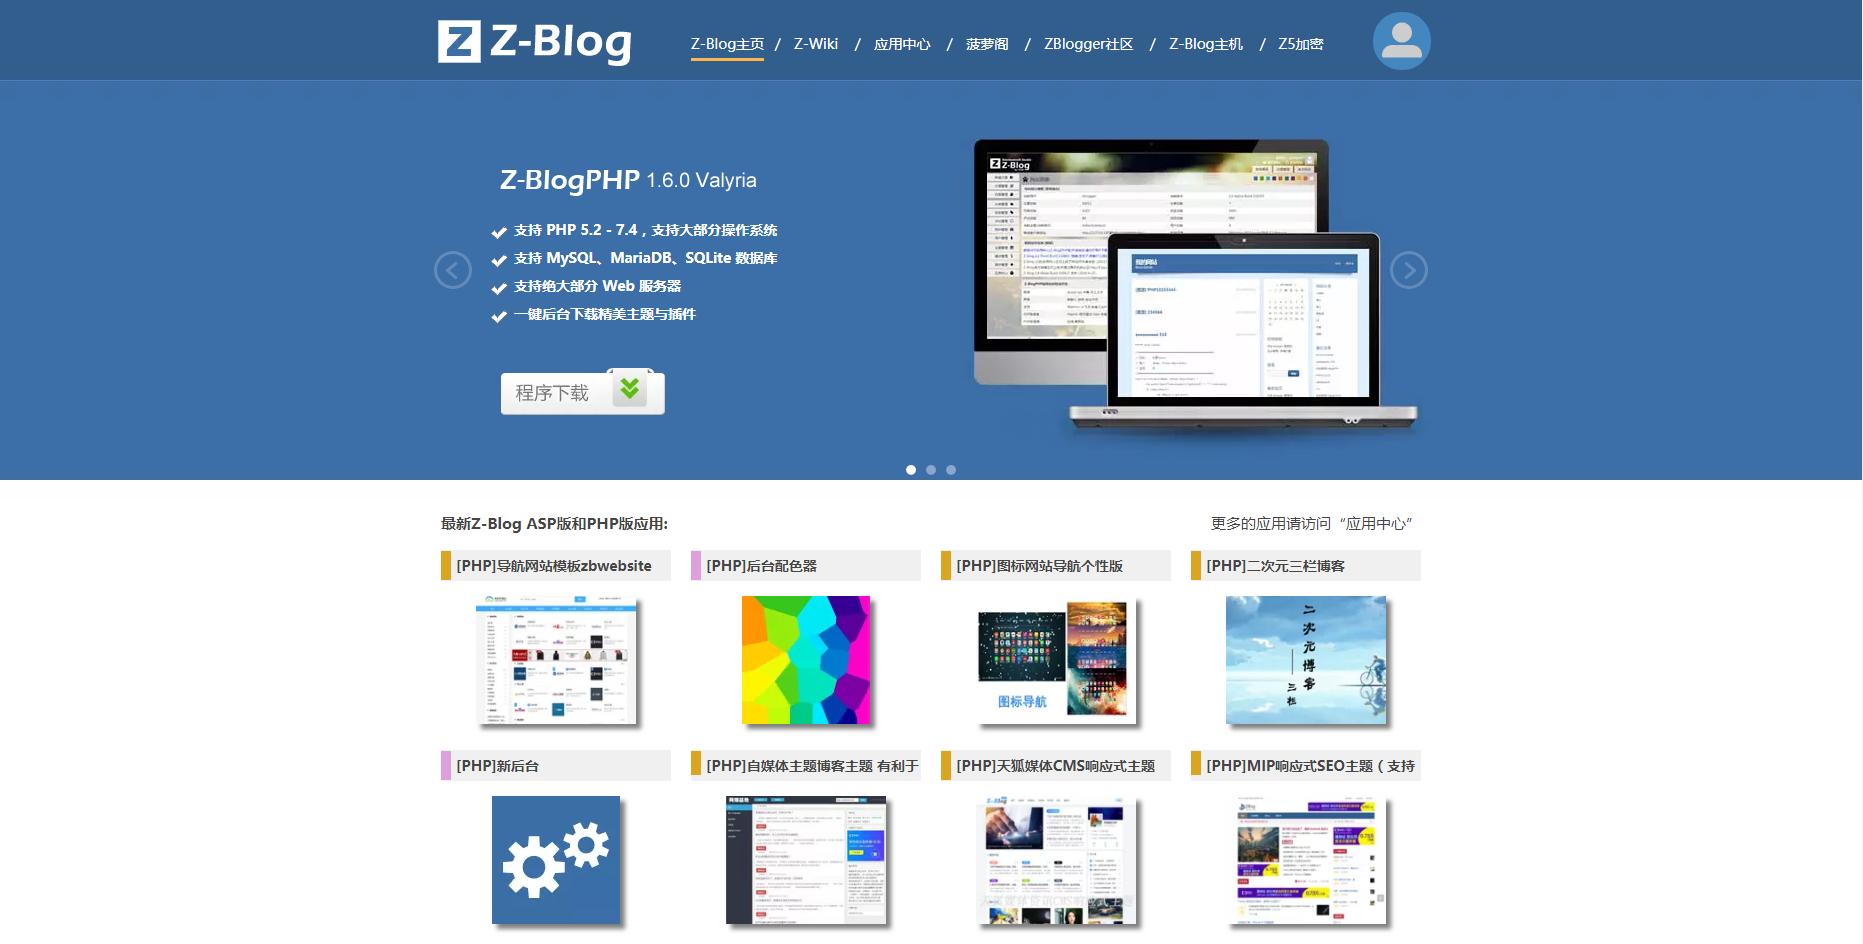 搭建博客网站的注意事项